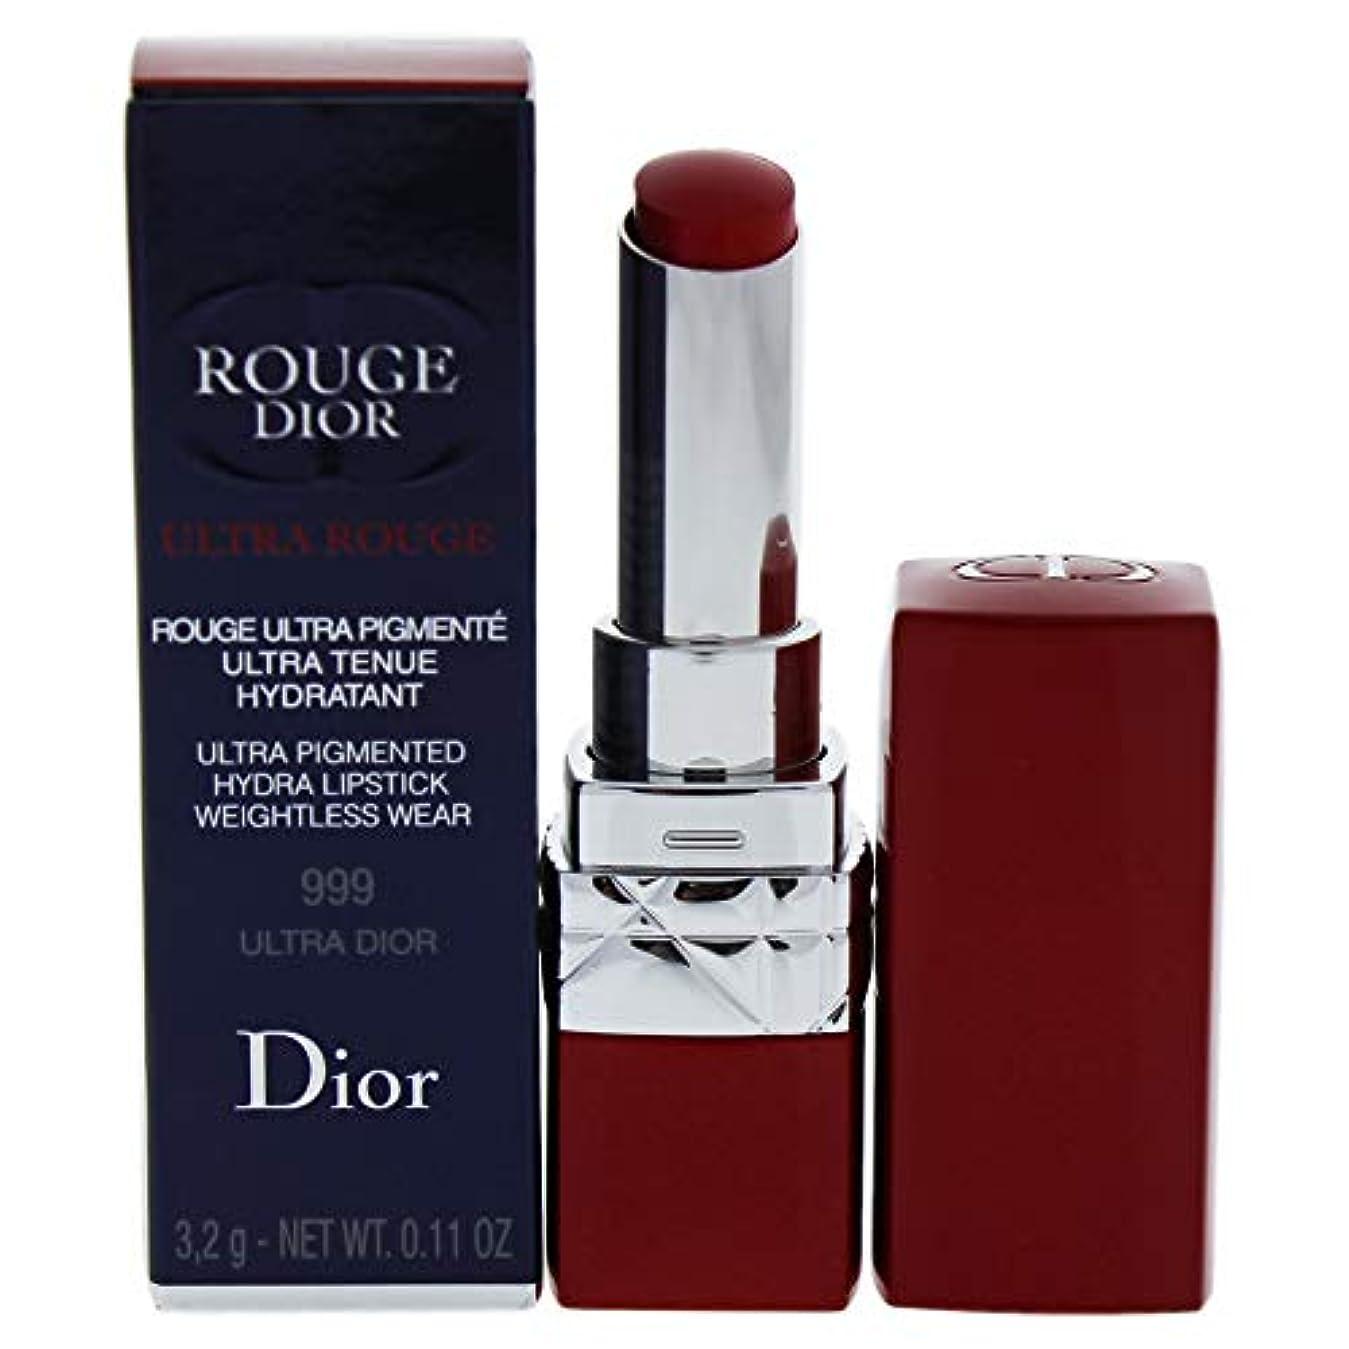 乱暴な反逆者戸棚クリスチャンディオール Rouge Dior Ultra Rouge - # 999 Ultra Dior 3.2g/0.11oz並行輸入品